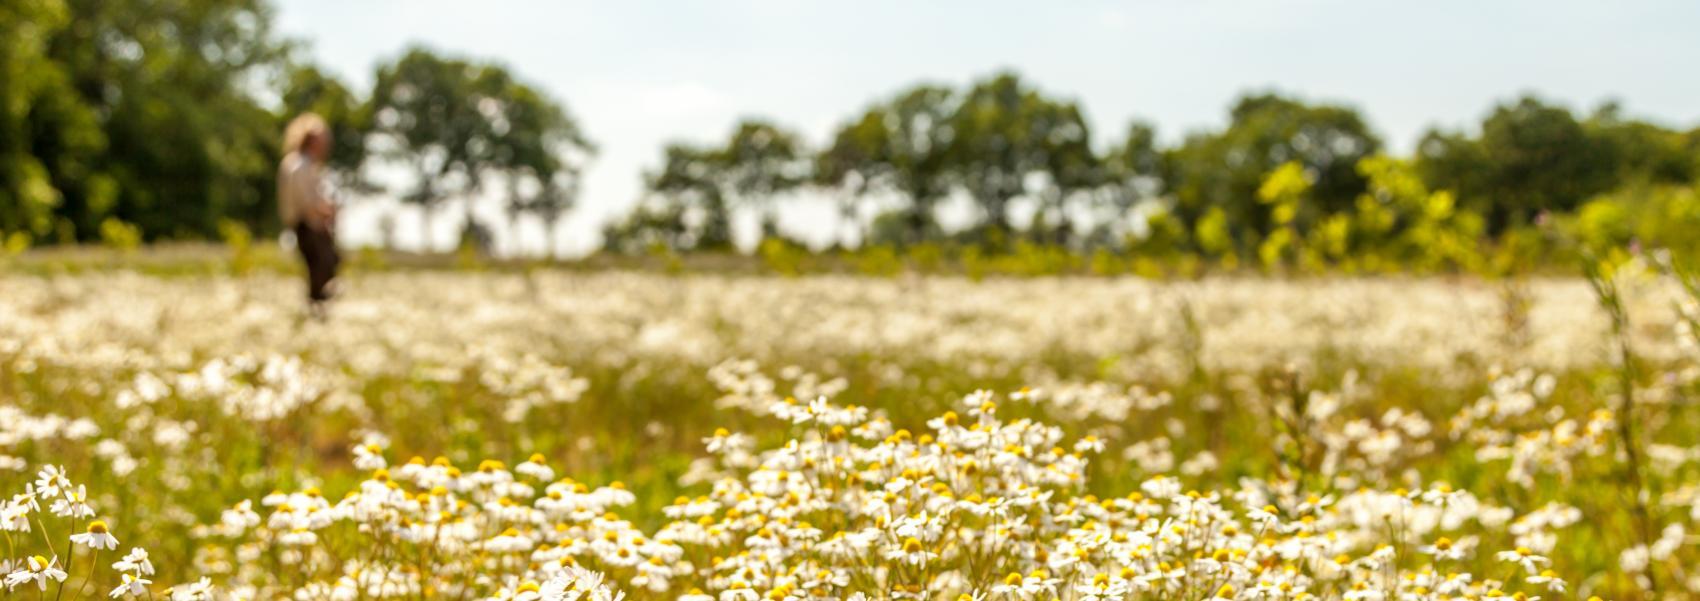 zicht op een bloemenveld